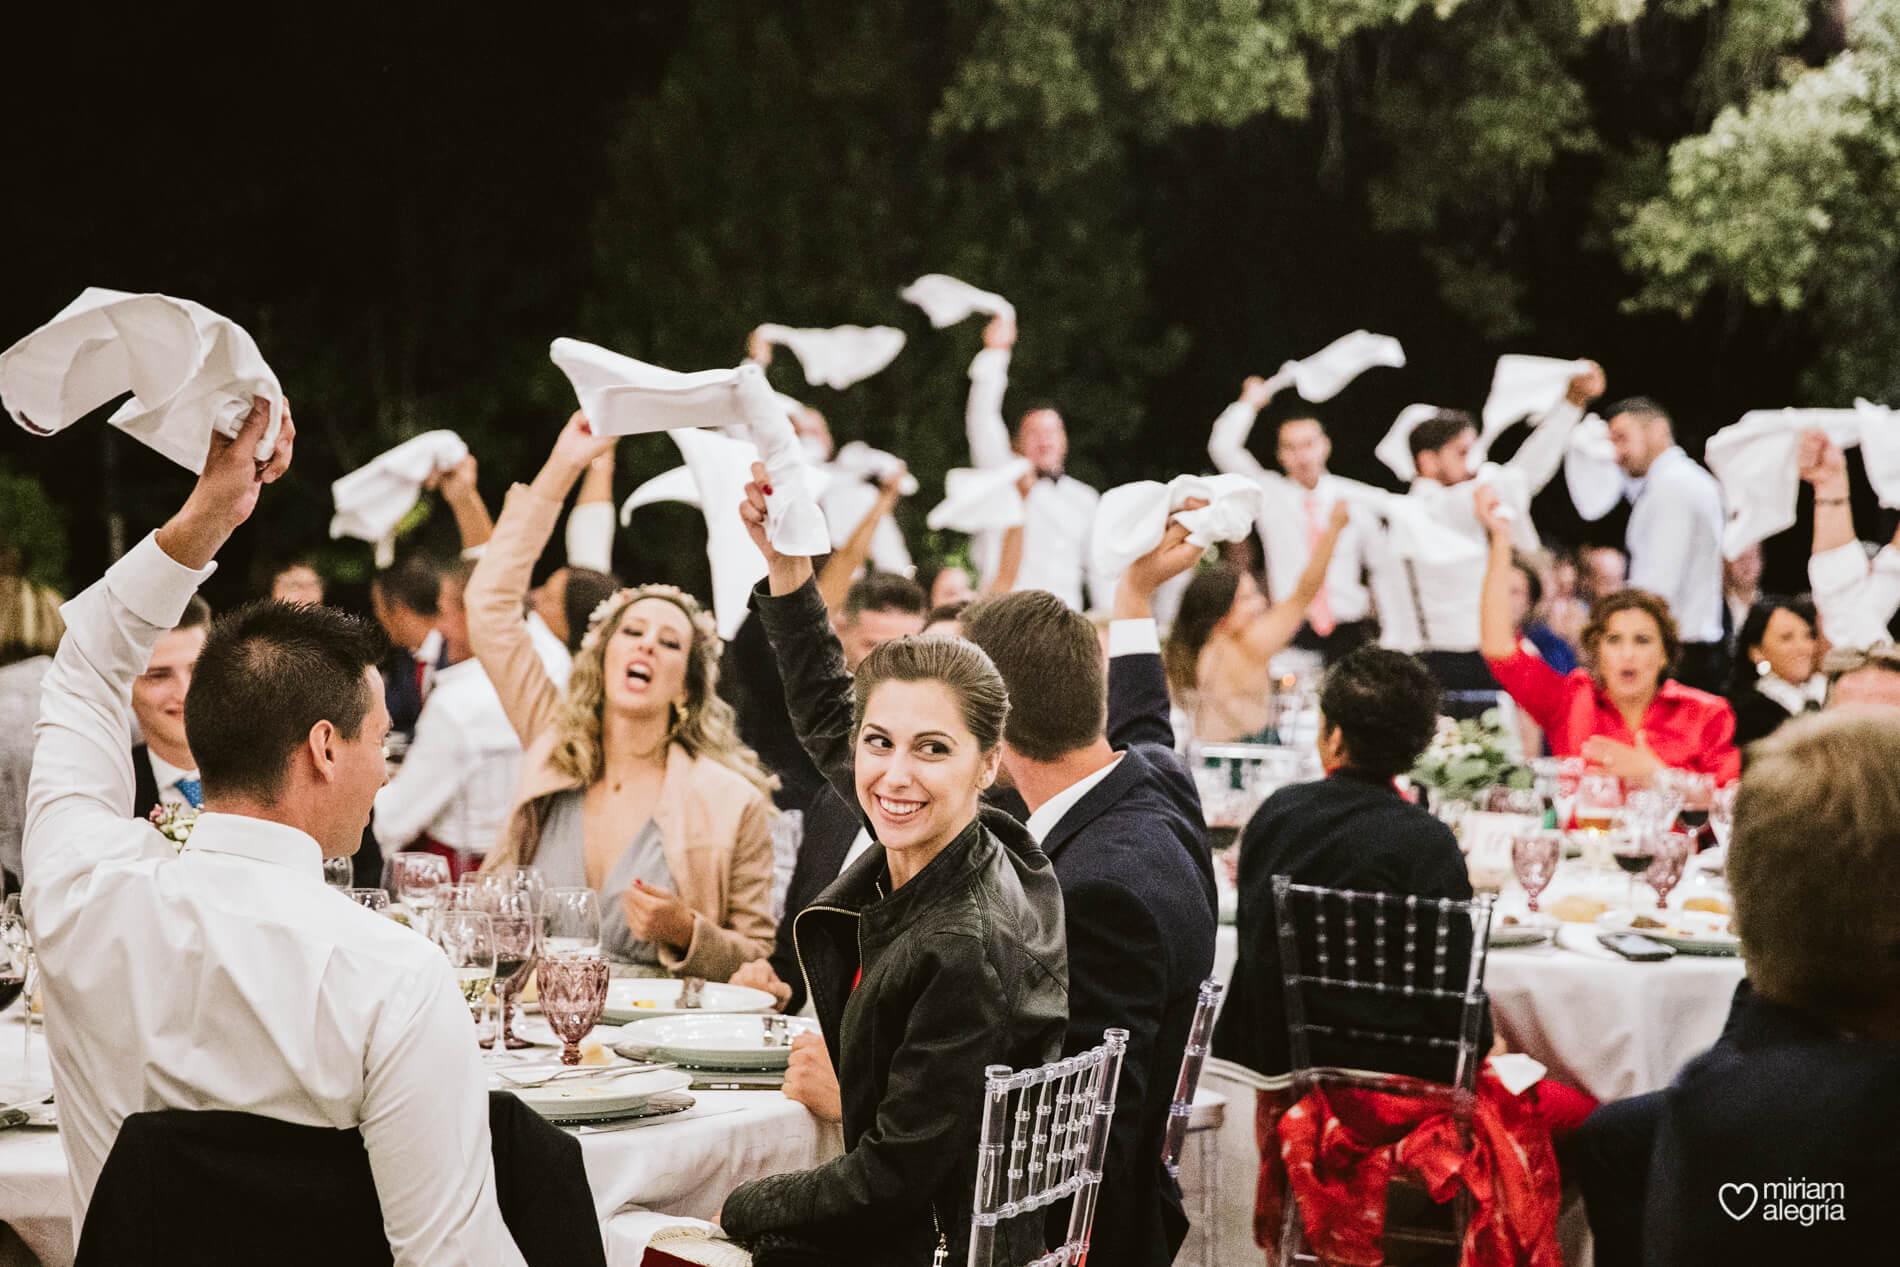 boda-en-collados-miriam-alegria-cayetana-ferrer-106